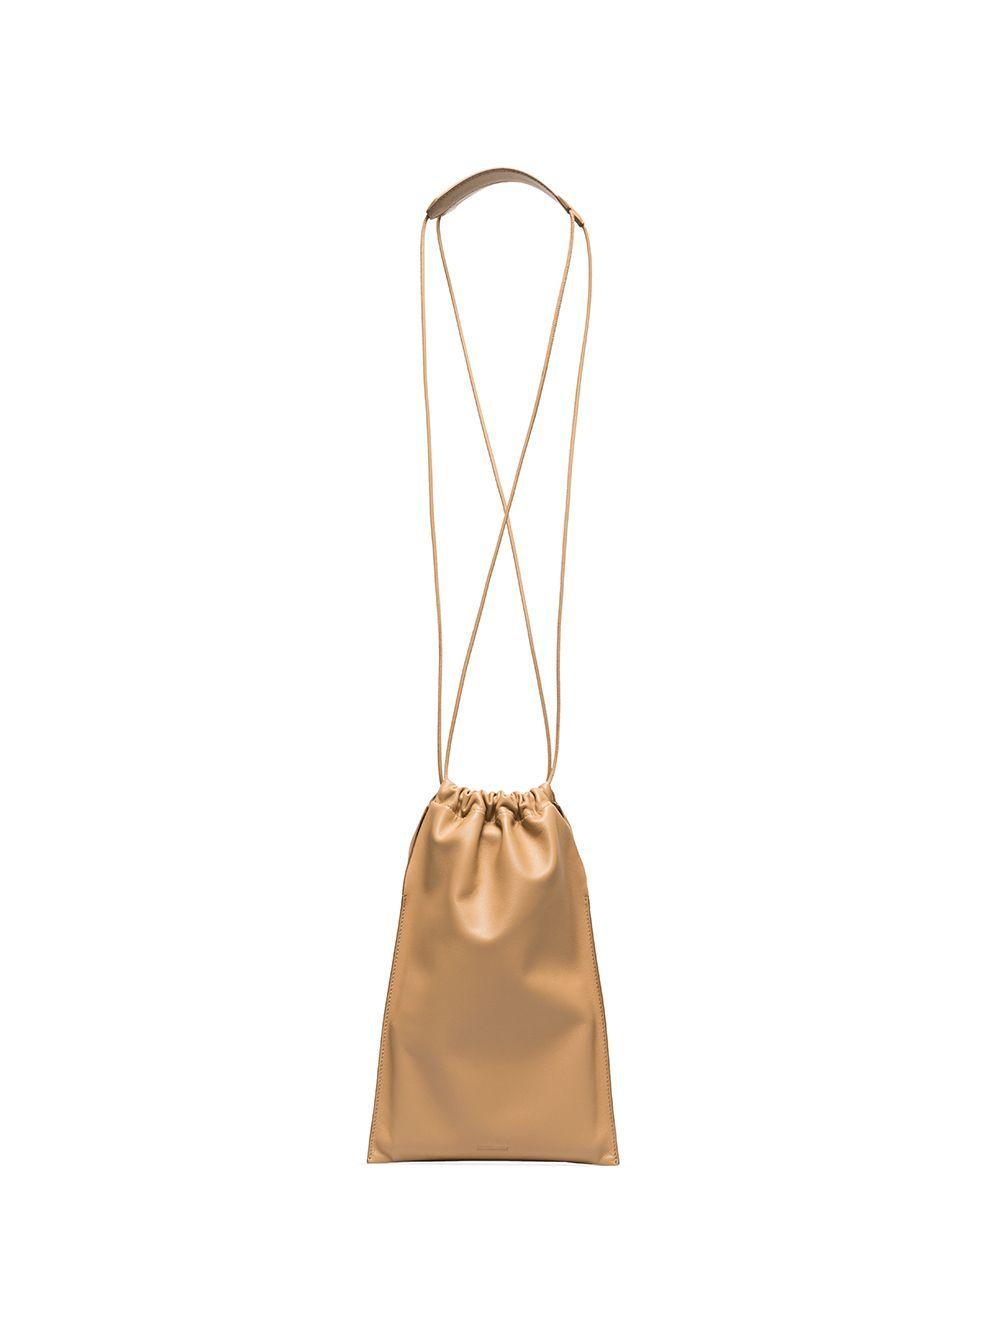 Jil Sander Drawstring Shoulder Bag In Neutrals Modesens In 2020 Shoulder Bag Jil Sander Bag Bags